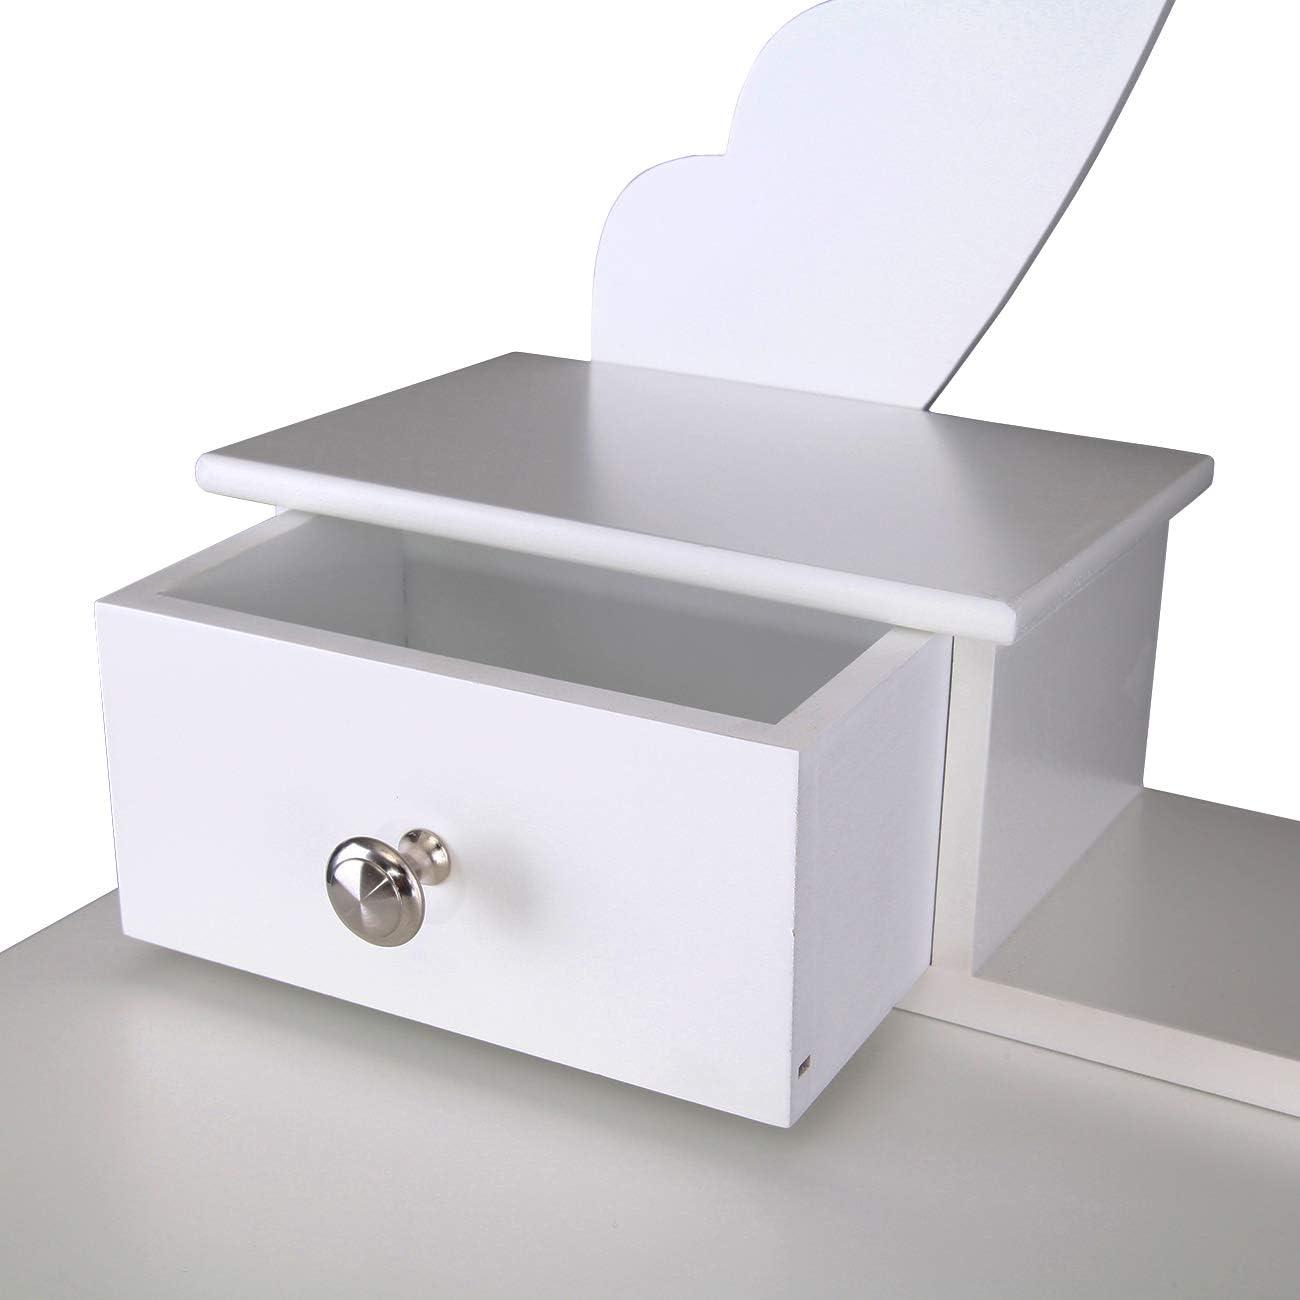 1 Sgabelli Colore Bianco Makeup Desk Set BDT1255 5 Cassetti 1 Specchio XuanYue Specchiera Tavolo Bianco Vanity Trucco Toeletta 5 Cassetti con Specchio Ovale e Cassetti per Bambine